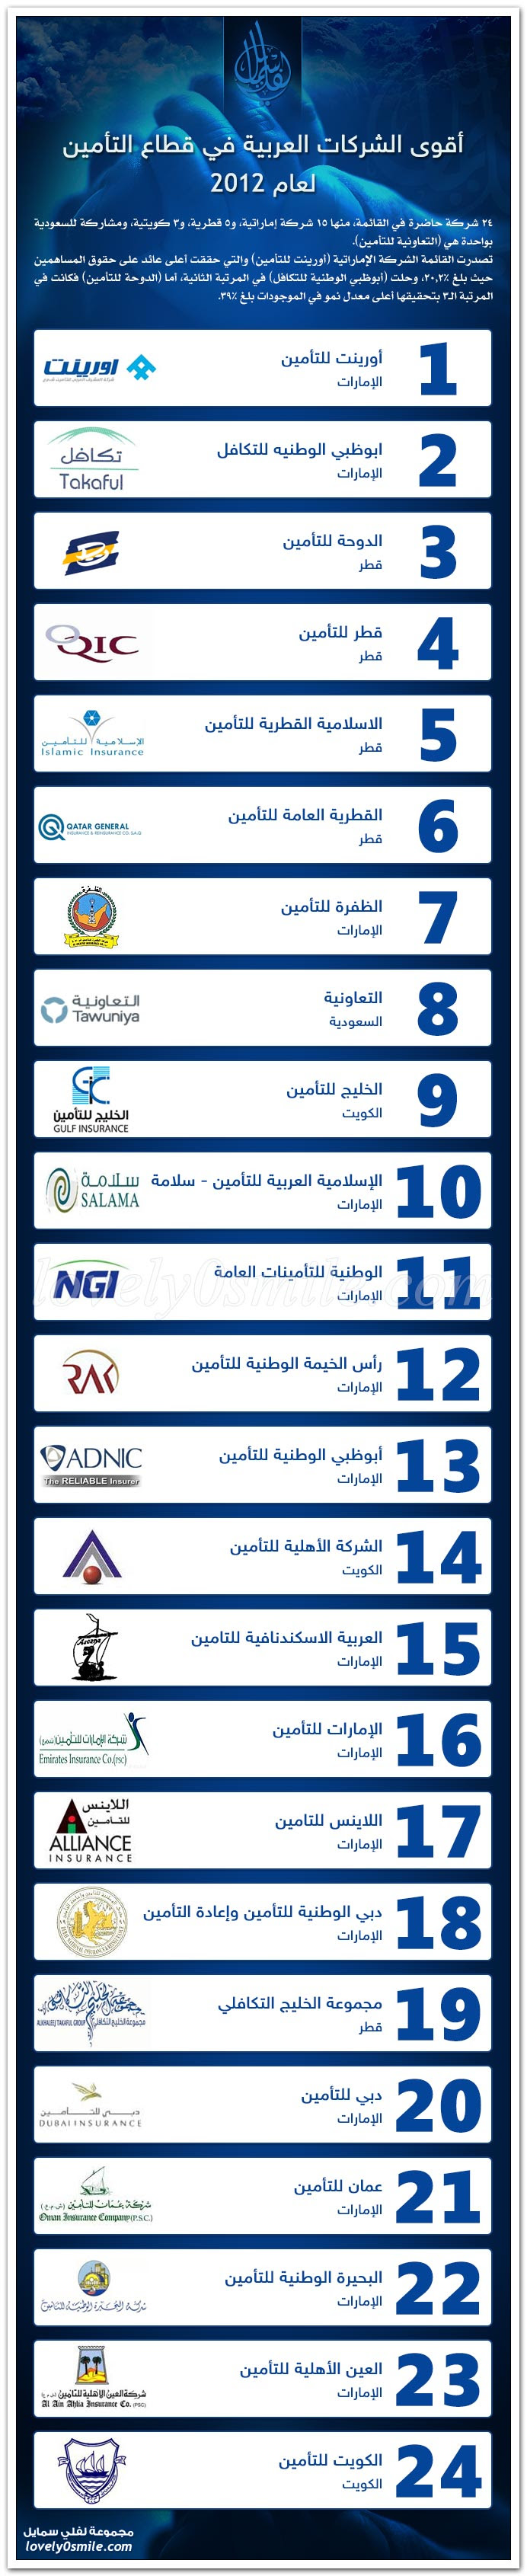 أقوى الشركات العربية في قطاع التأمين لعام 2012